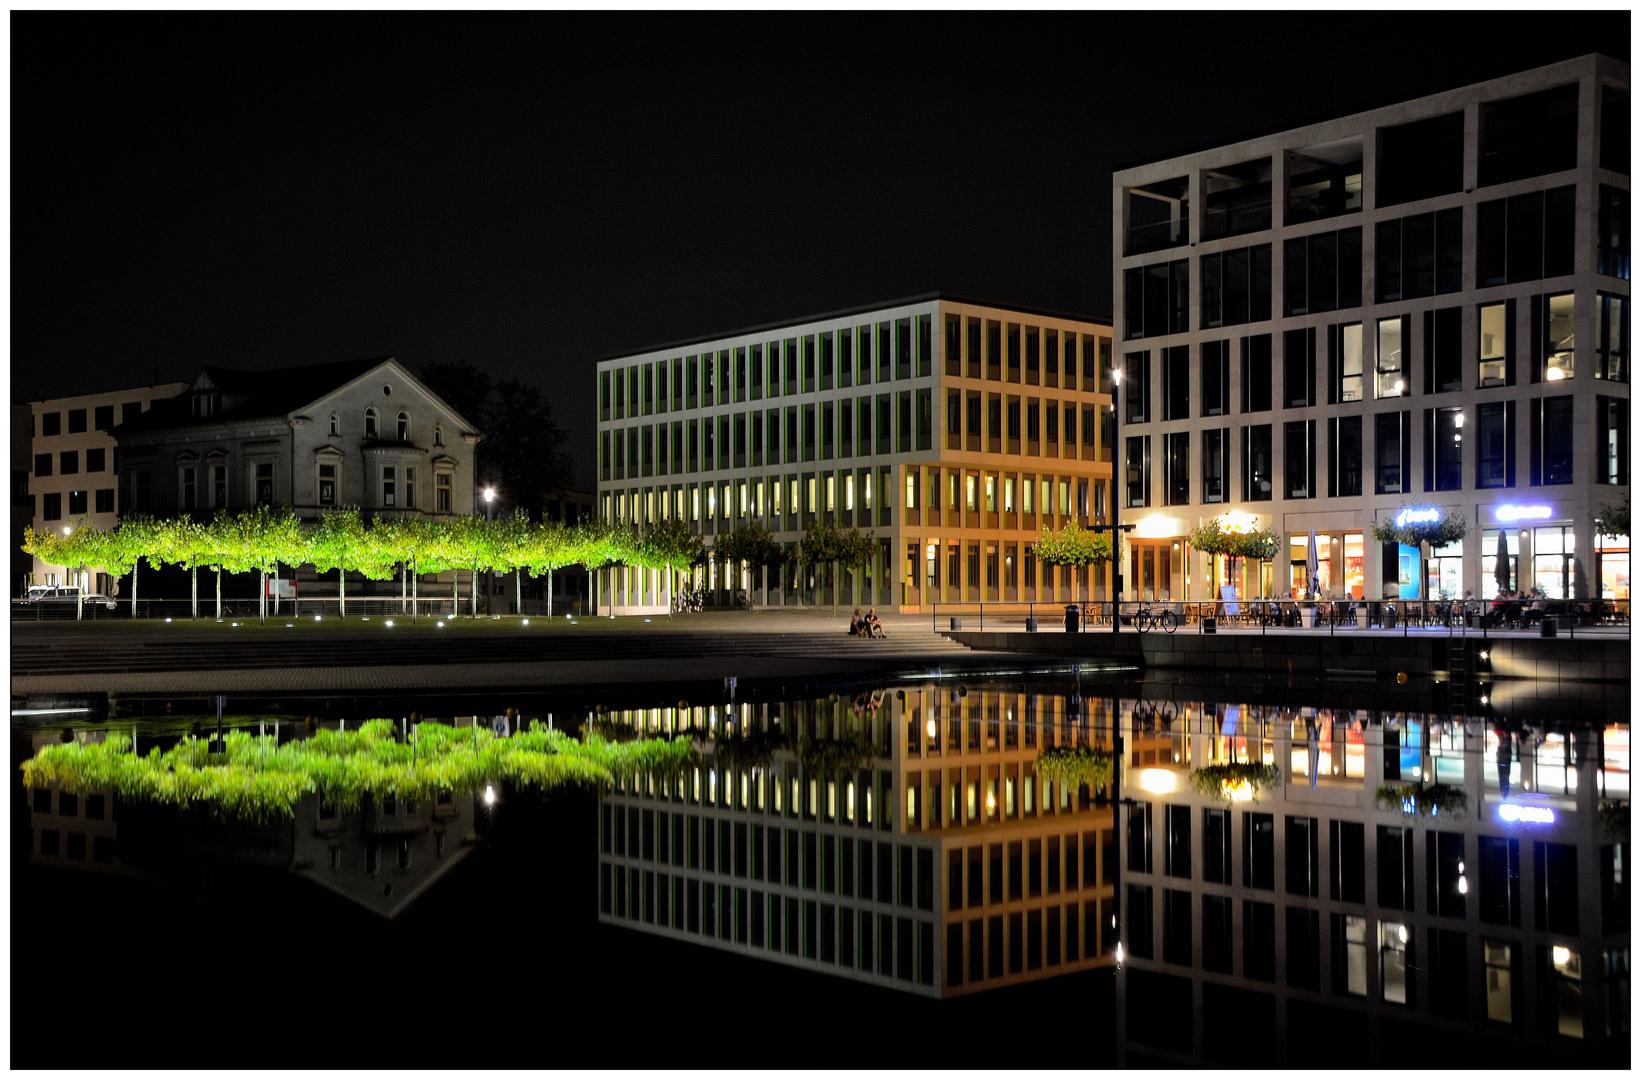 nachts am Phoenix See, Dortmund (1)